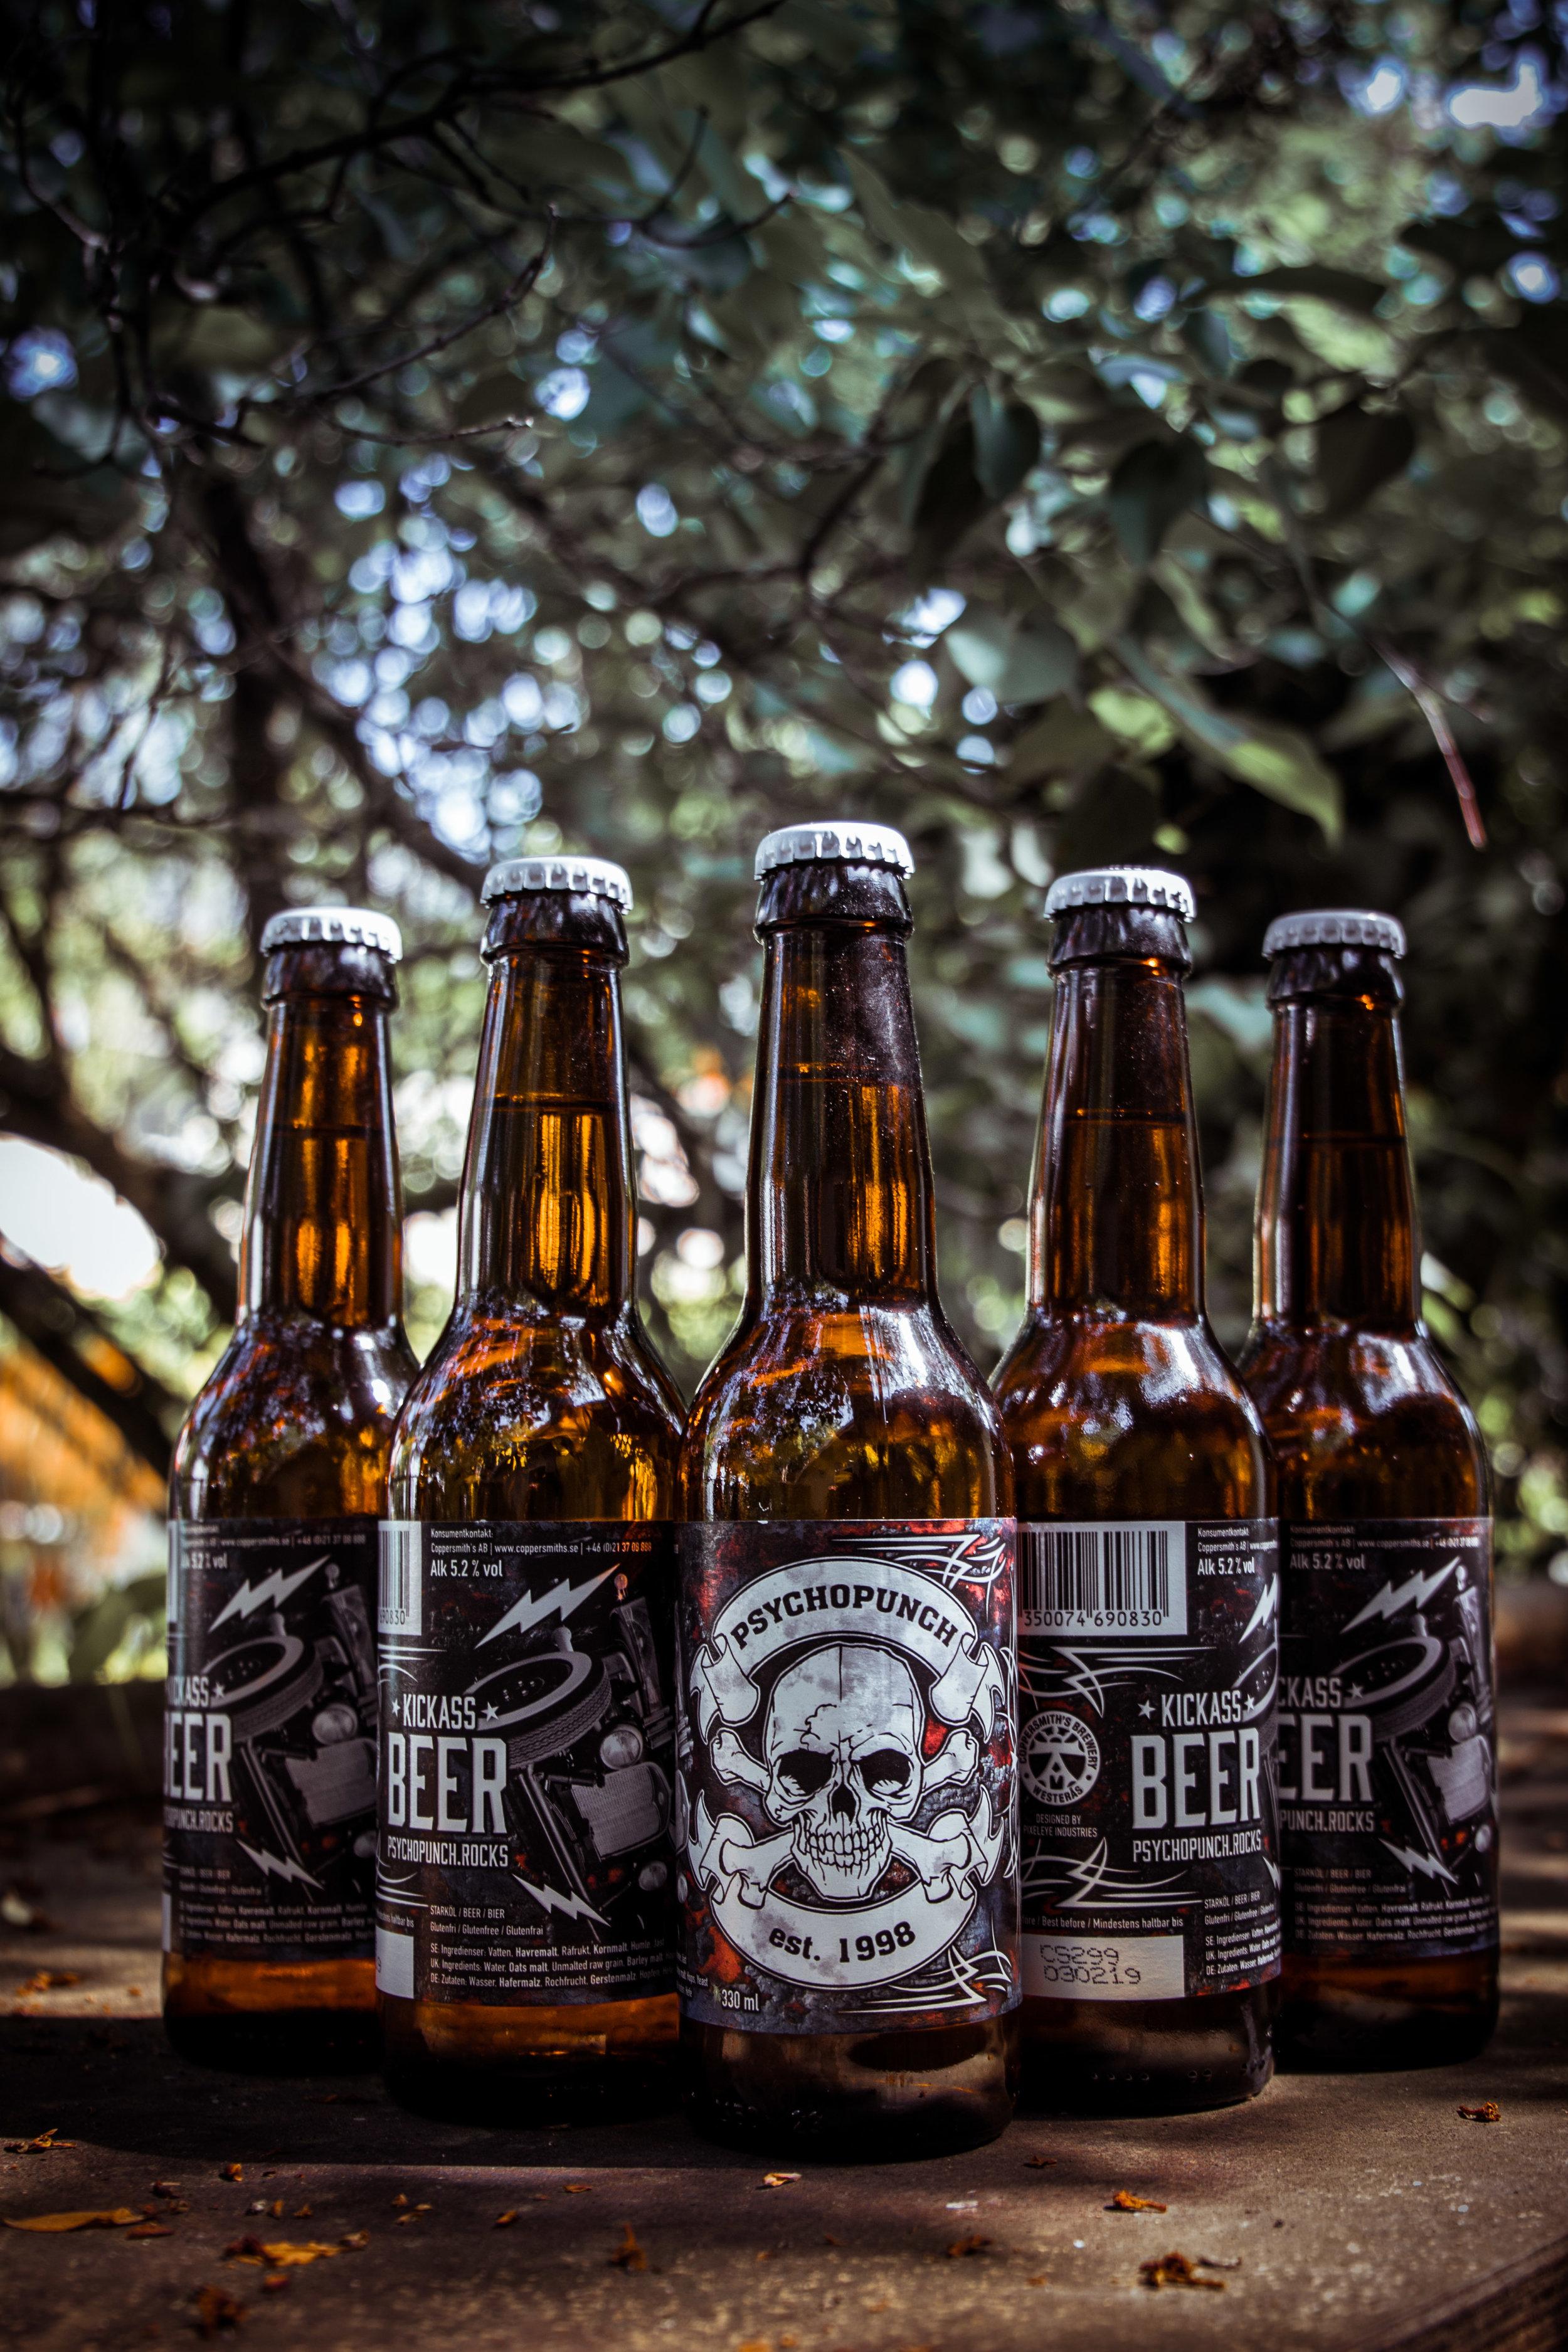 Psychopunch Beer by Dirk Behlau 2018-4725.jpg